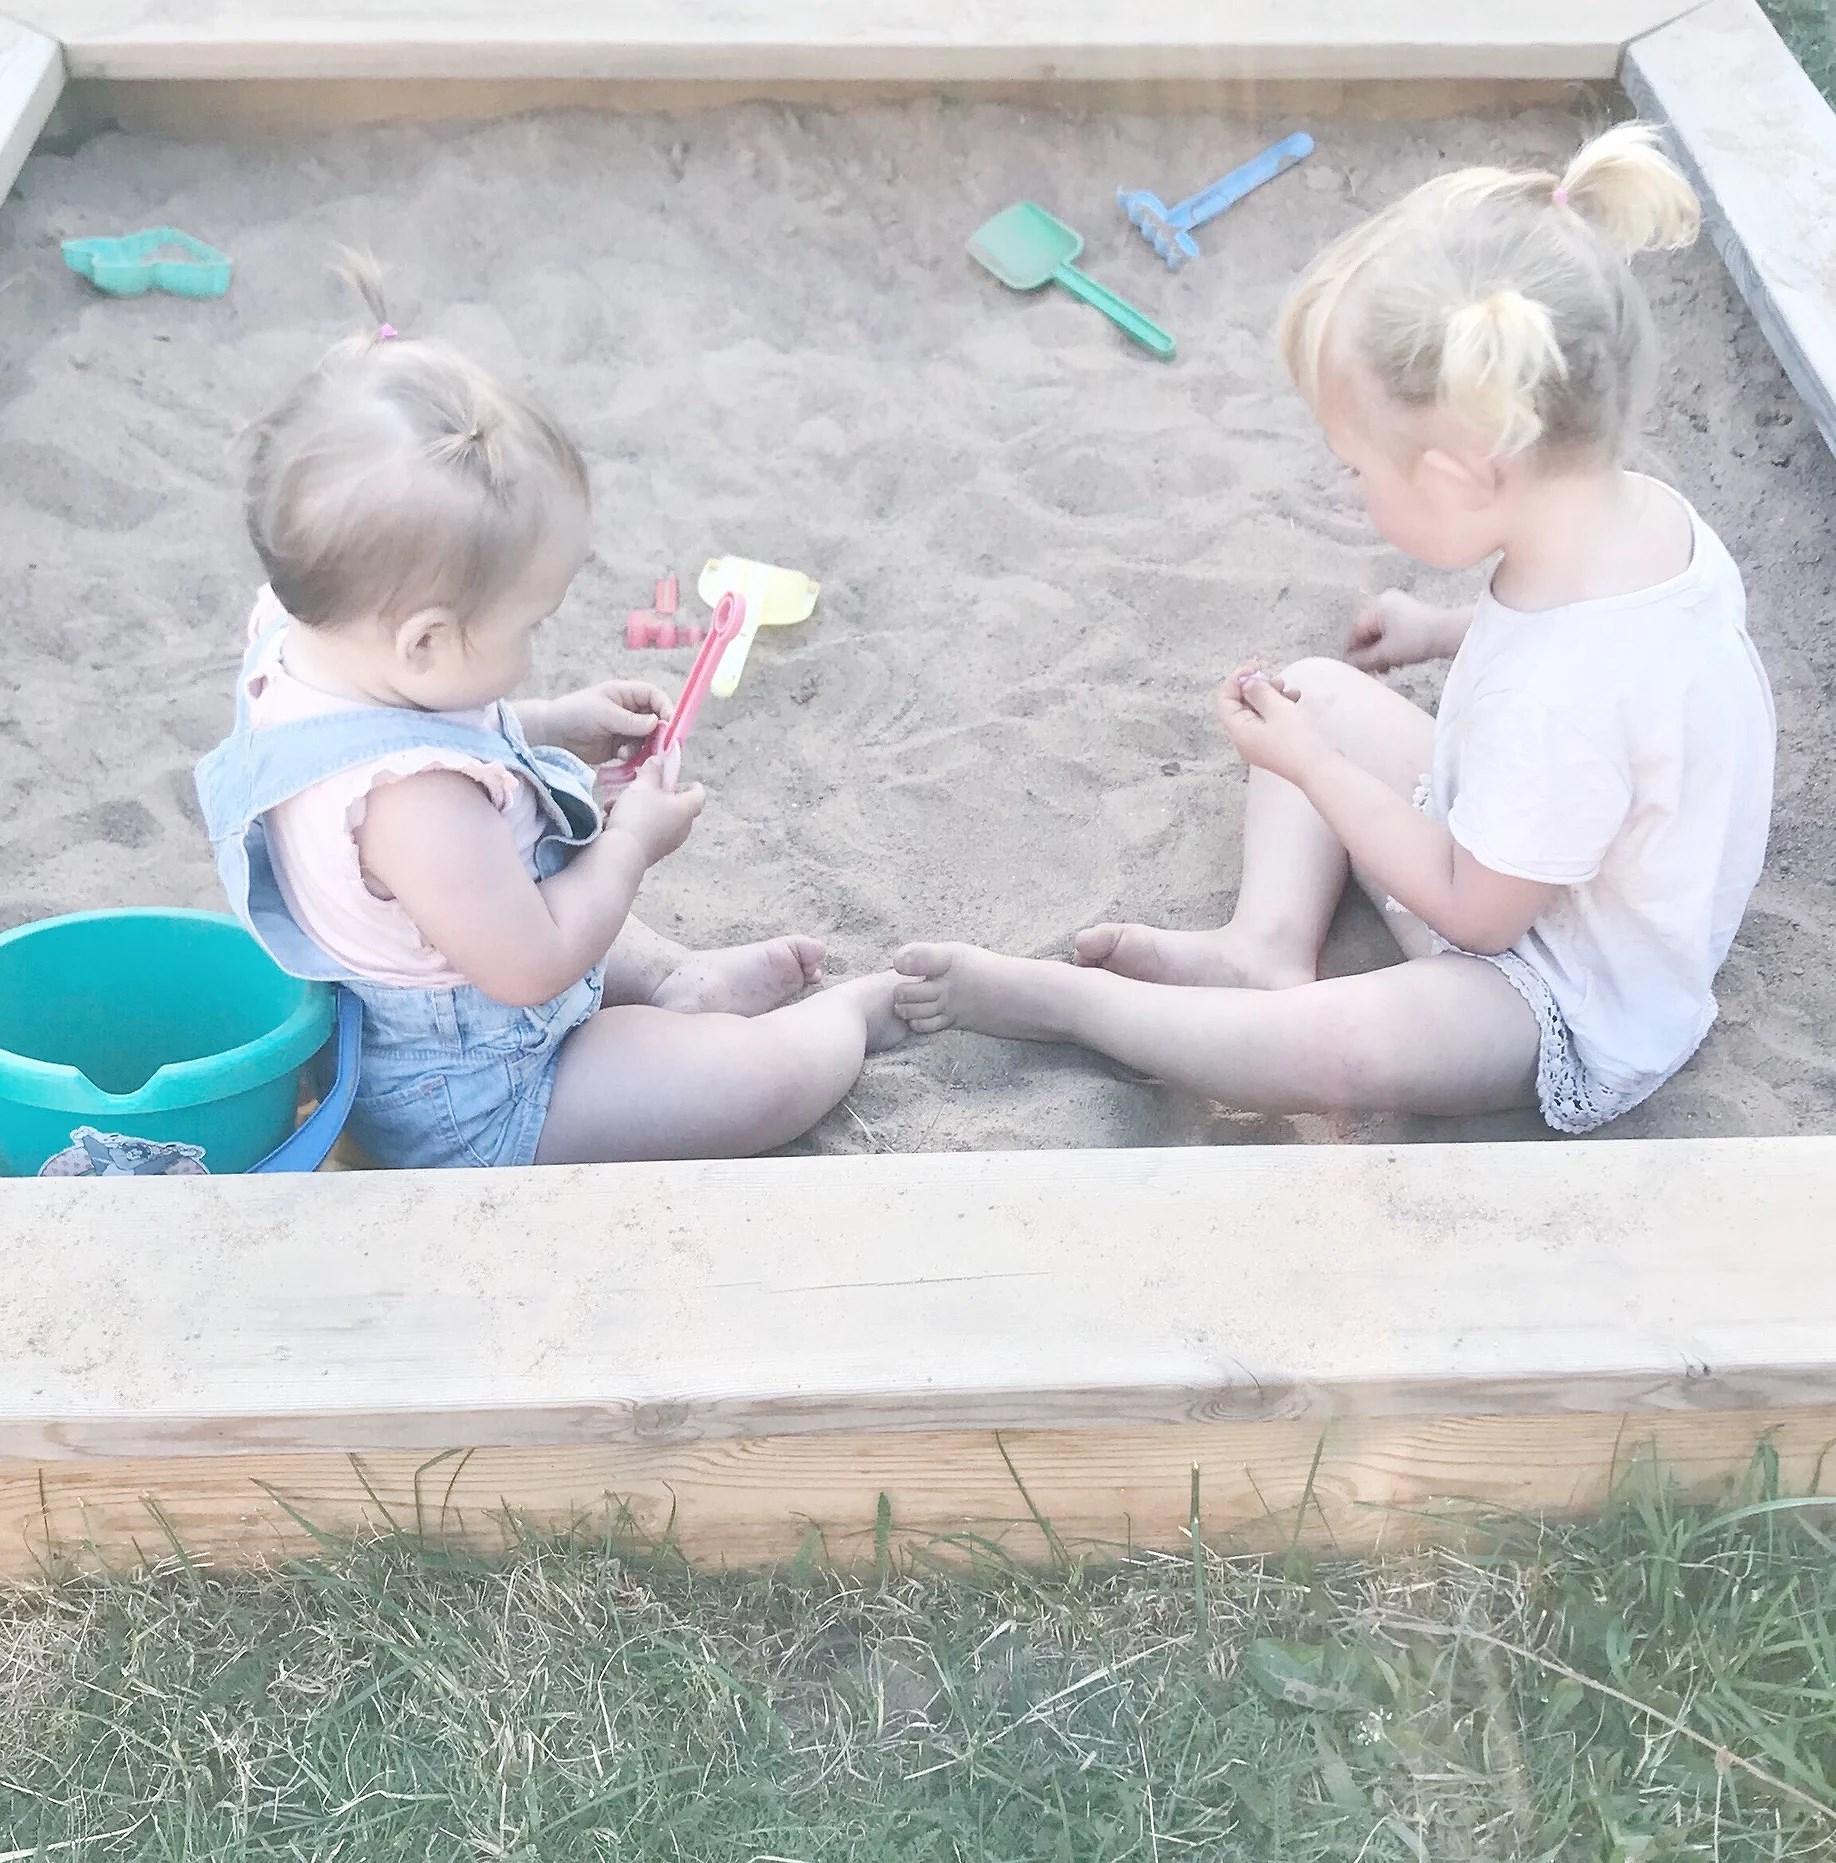 De första små tofsarna